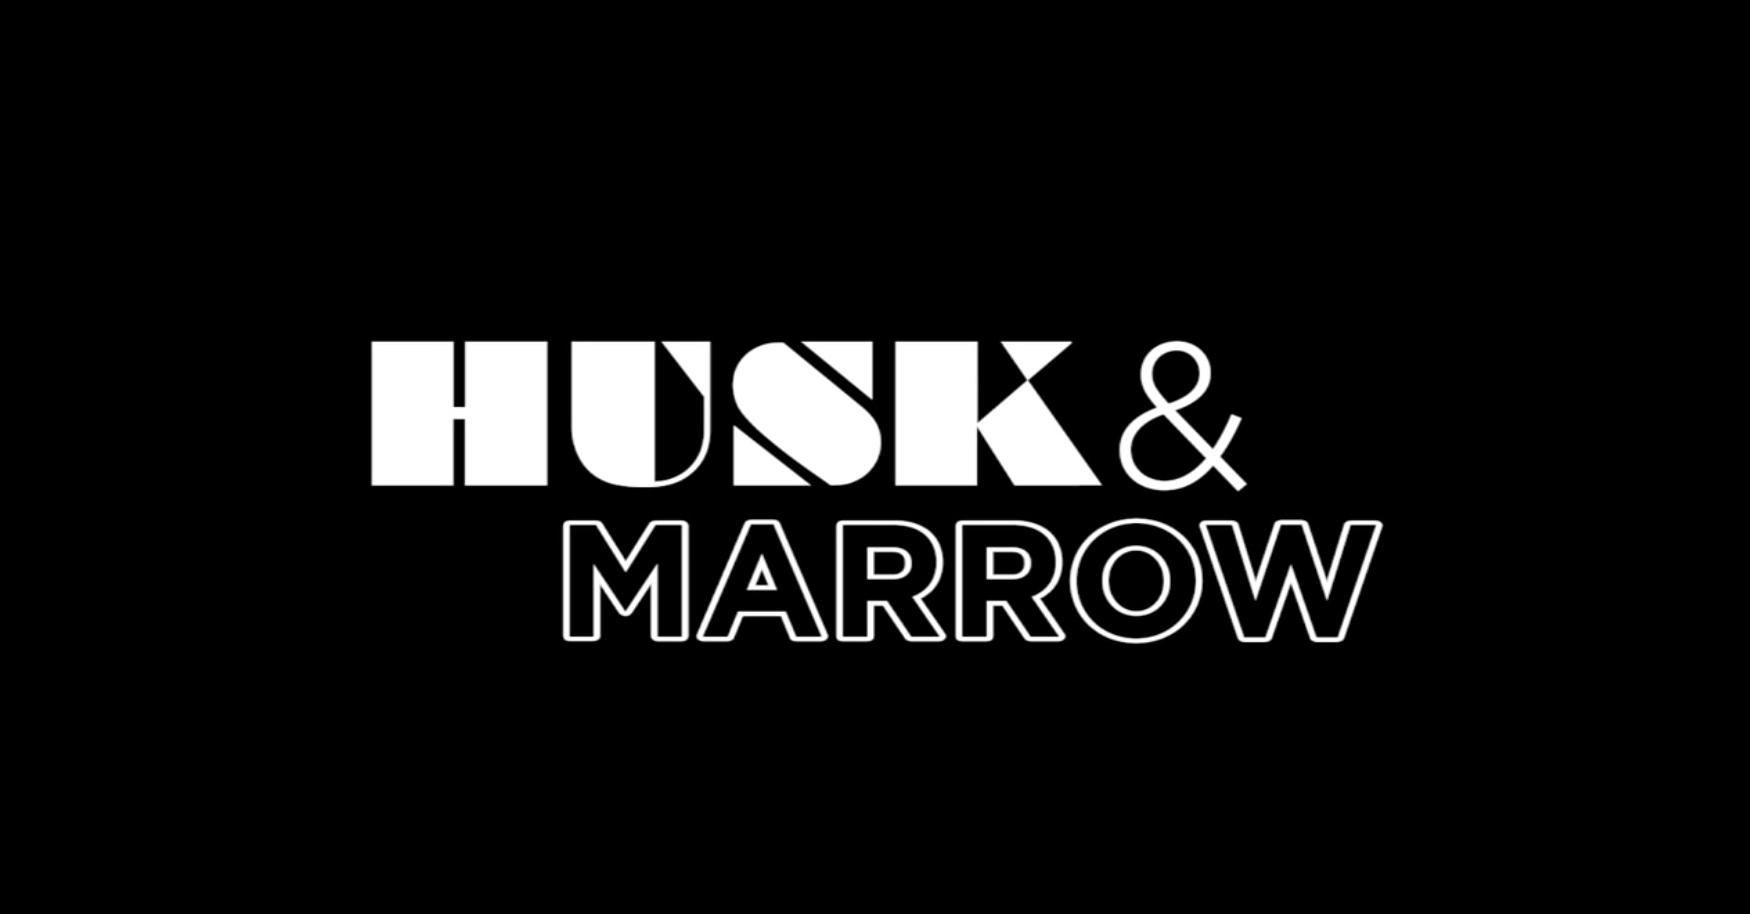 Husk & Marrow interview series